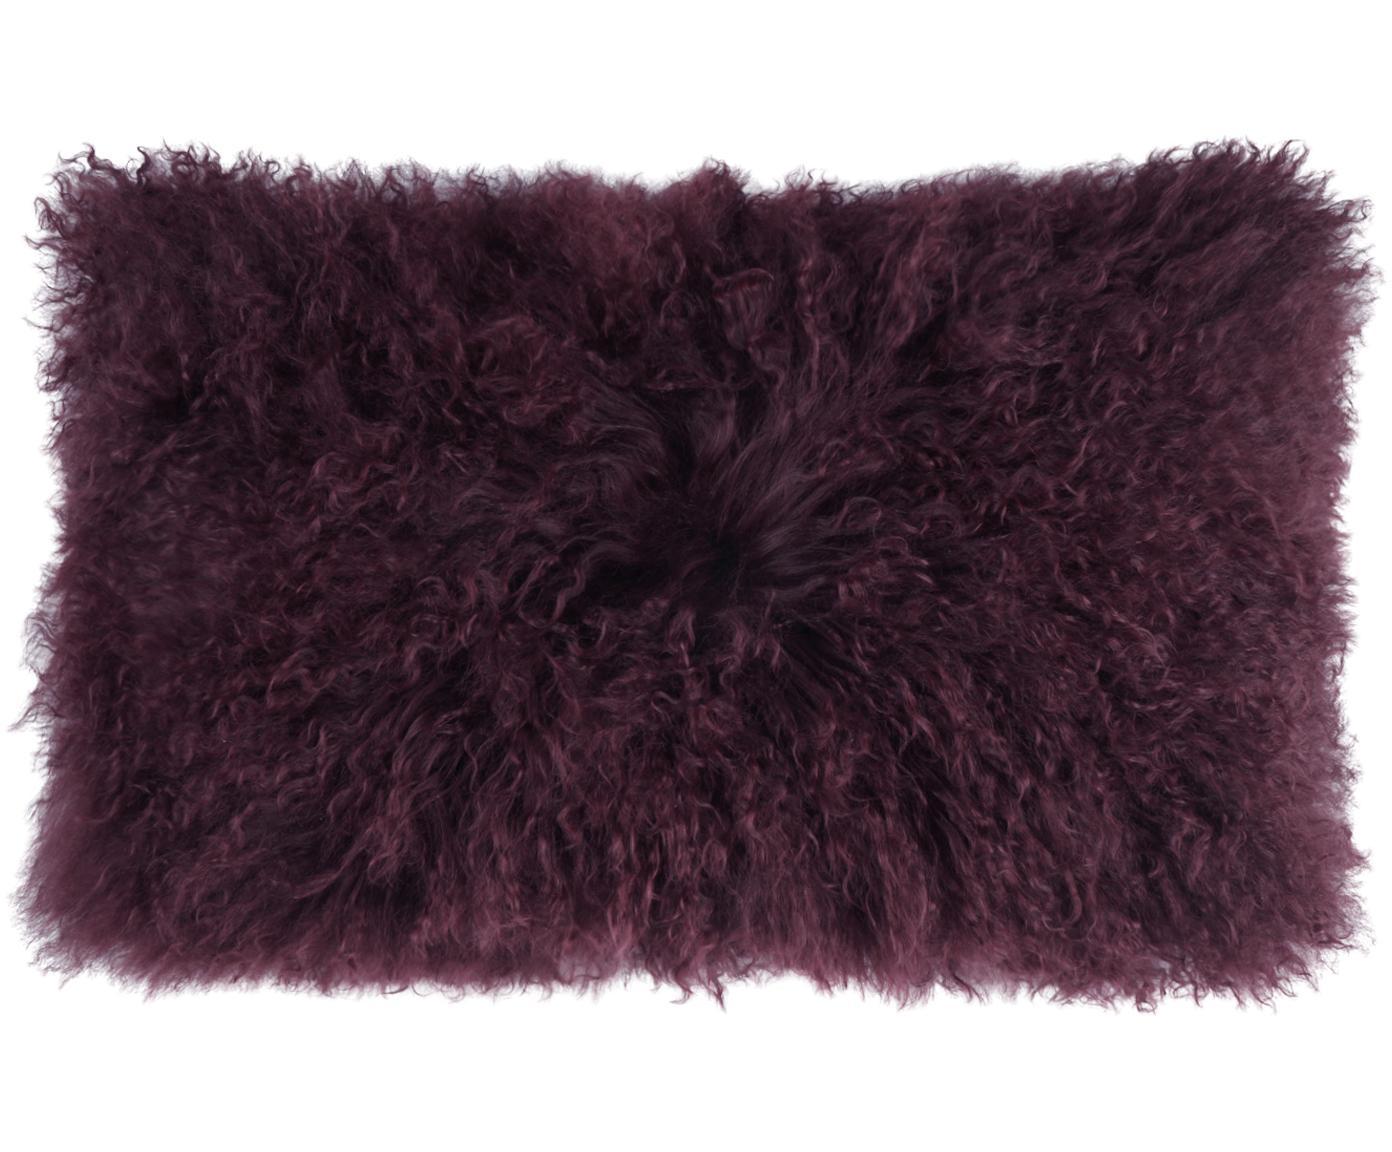 Langhaar-Lammfell Kissenhülle Ella, gelockt, Vorderseite: 100% mongolisches Lammfel, Rückseite: 100% Polyester, Dunkelrot, 30 x 50 cm